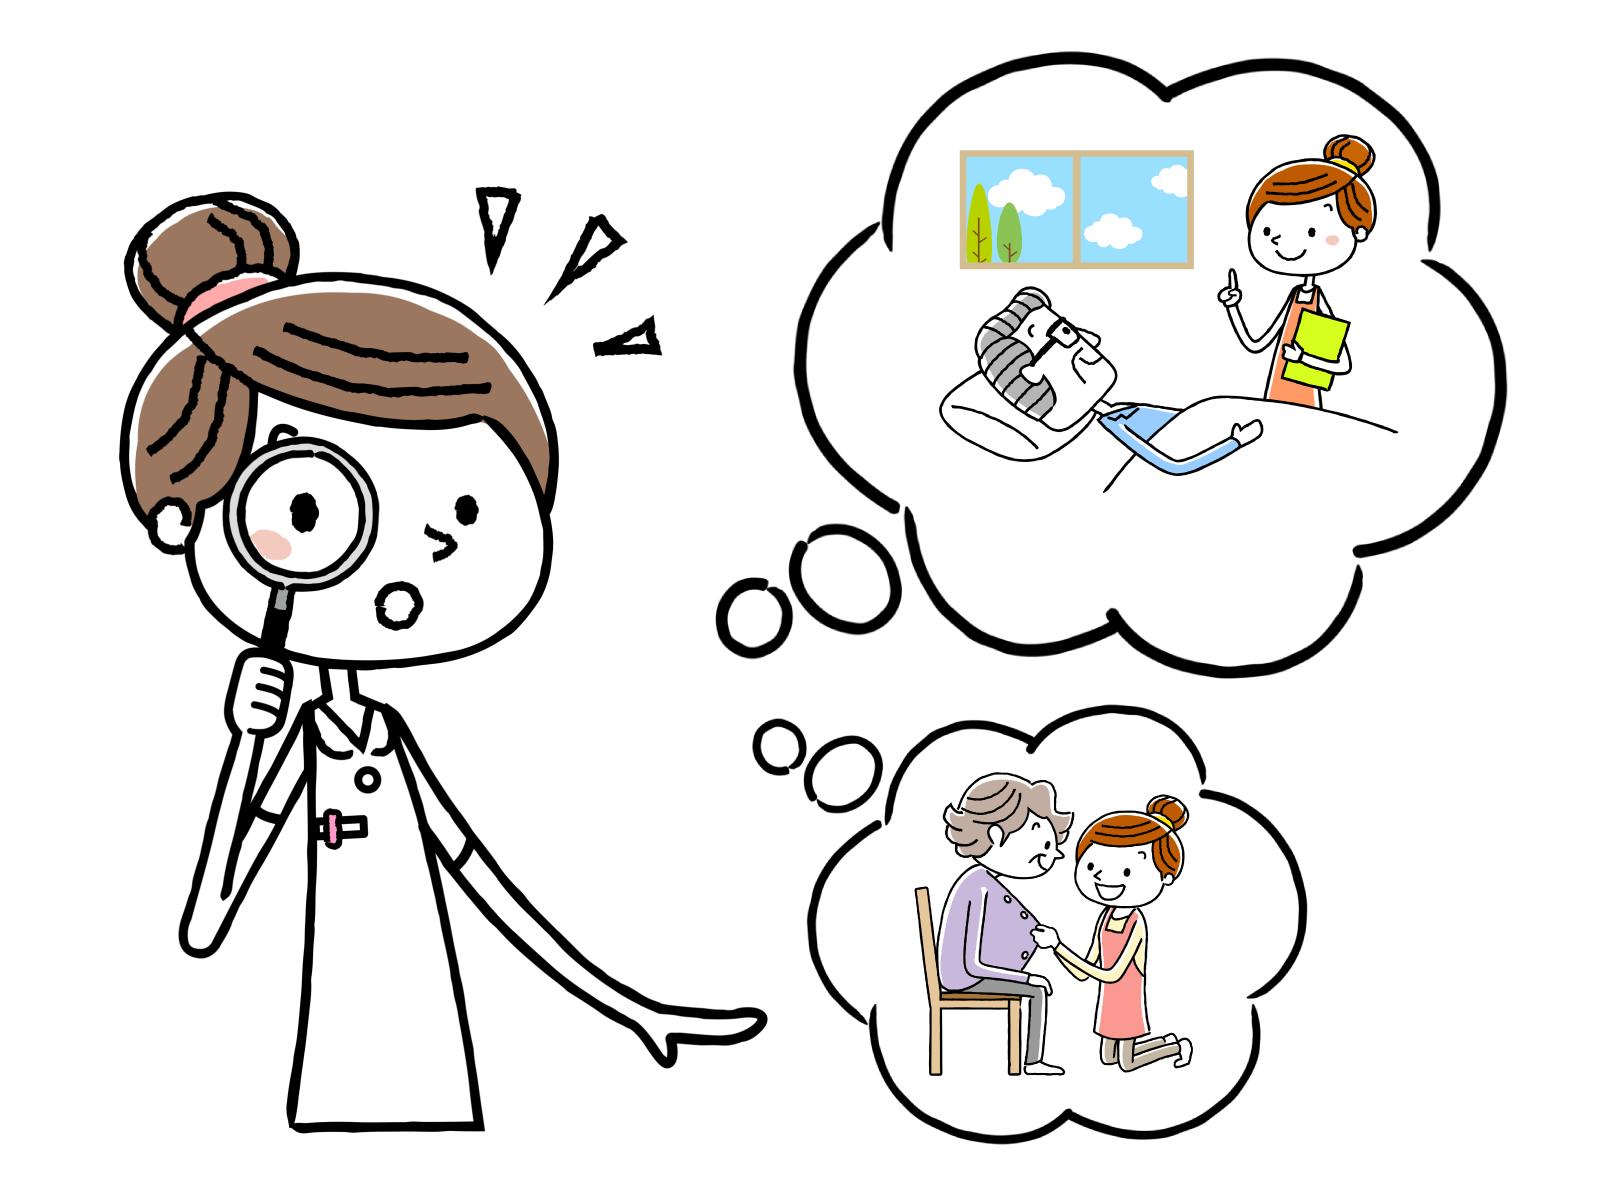 パートと契約社員、正社員の働き方についてのイメージイラスト